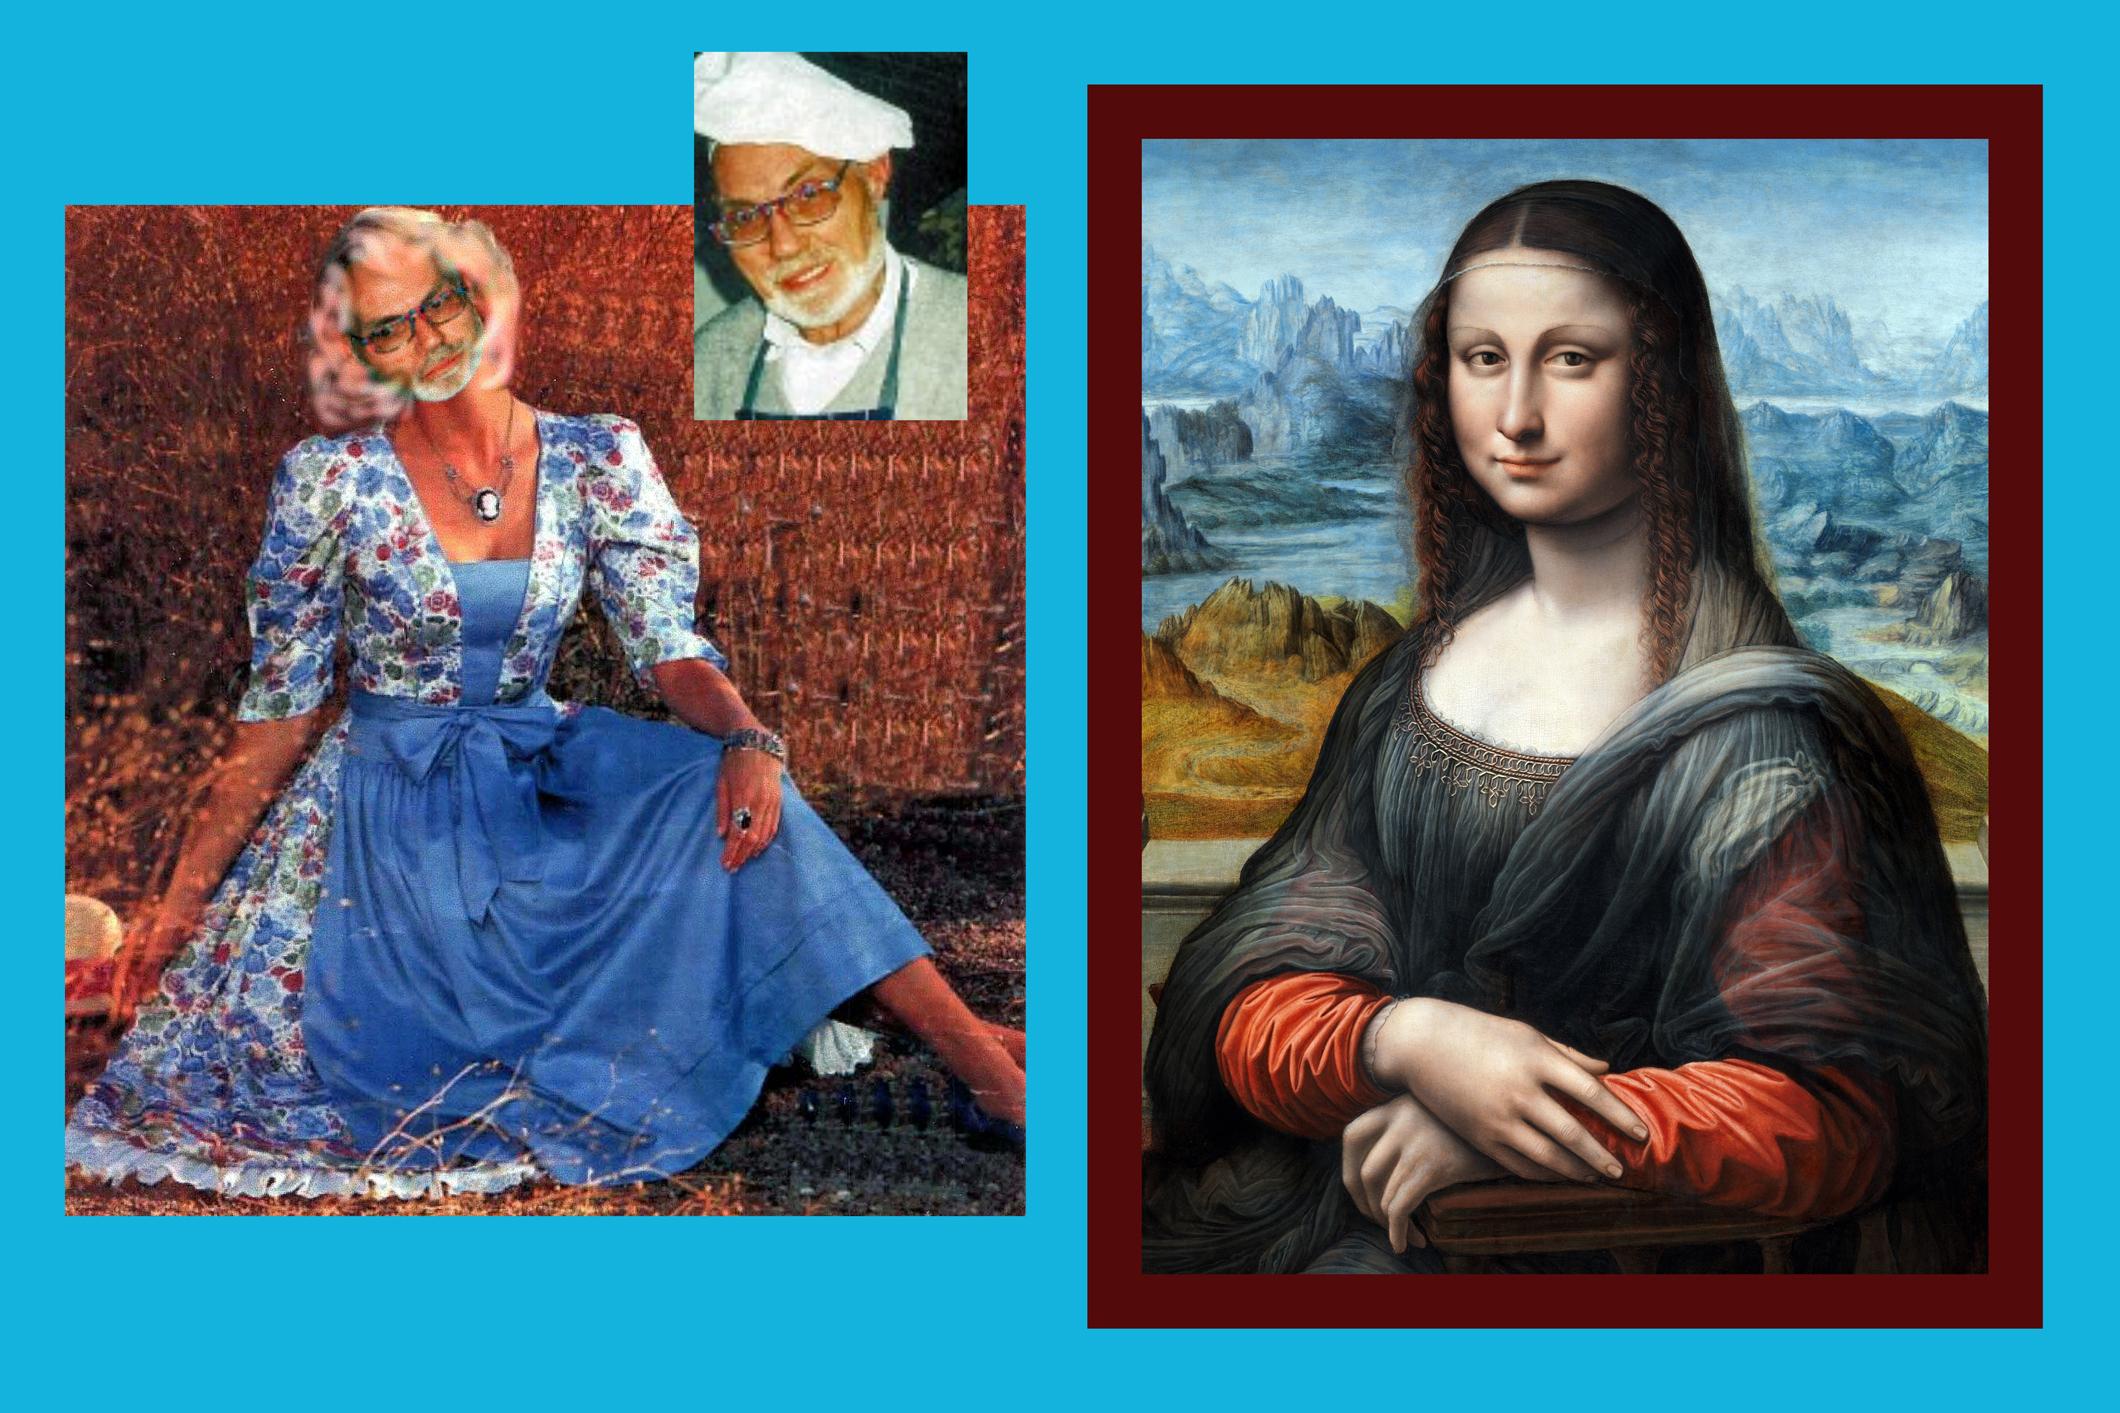 Mona Lisa einmal anders: Als Mann im Kleid mit Damenbart